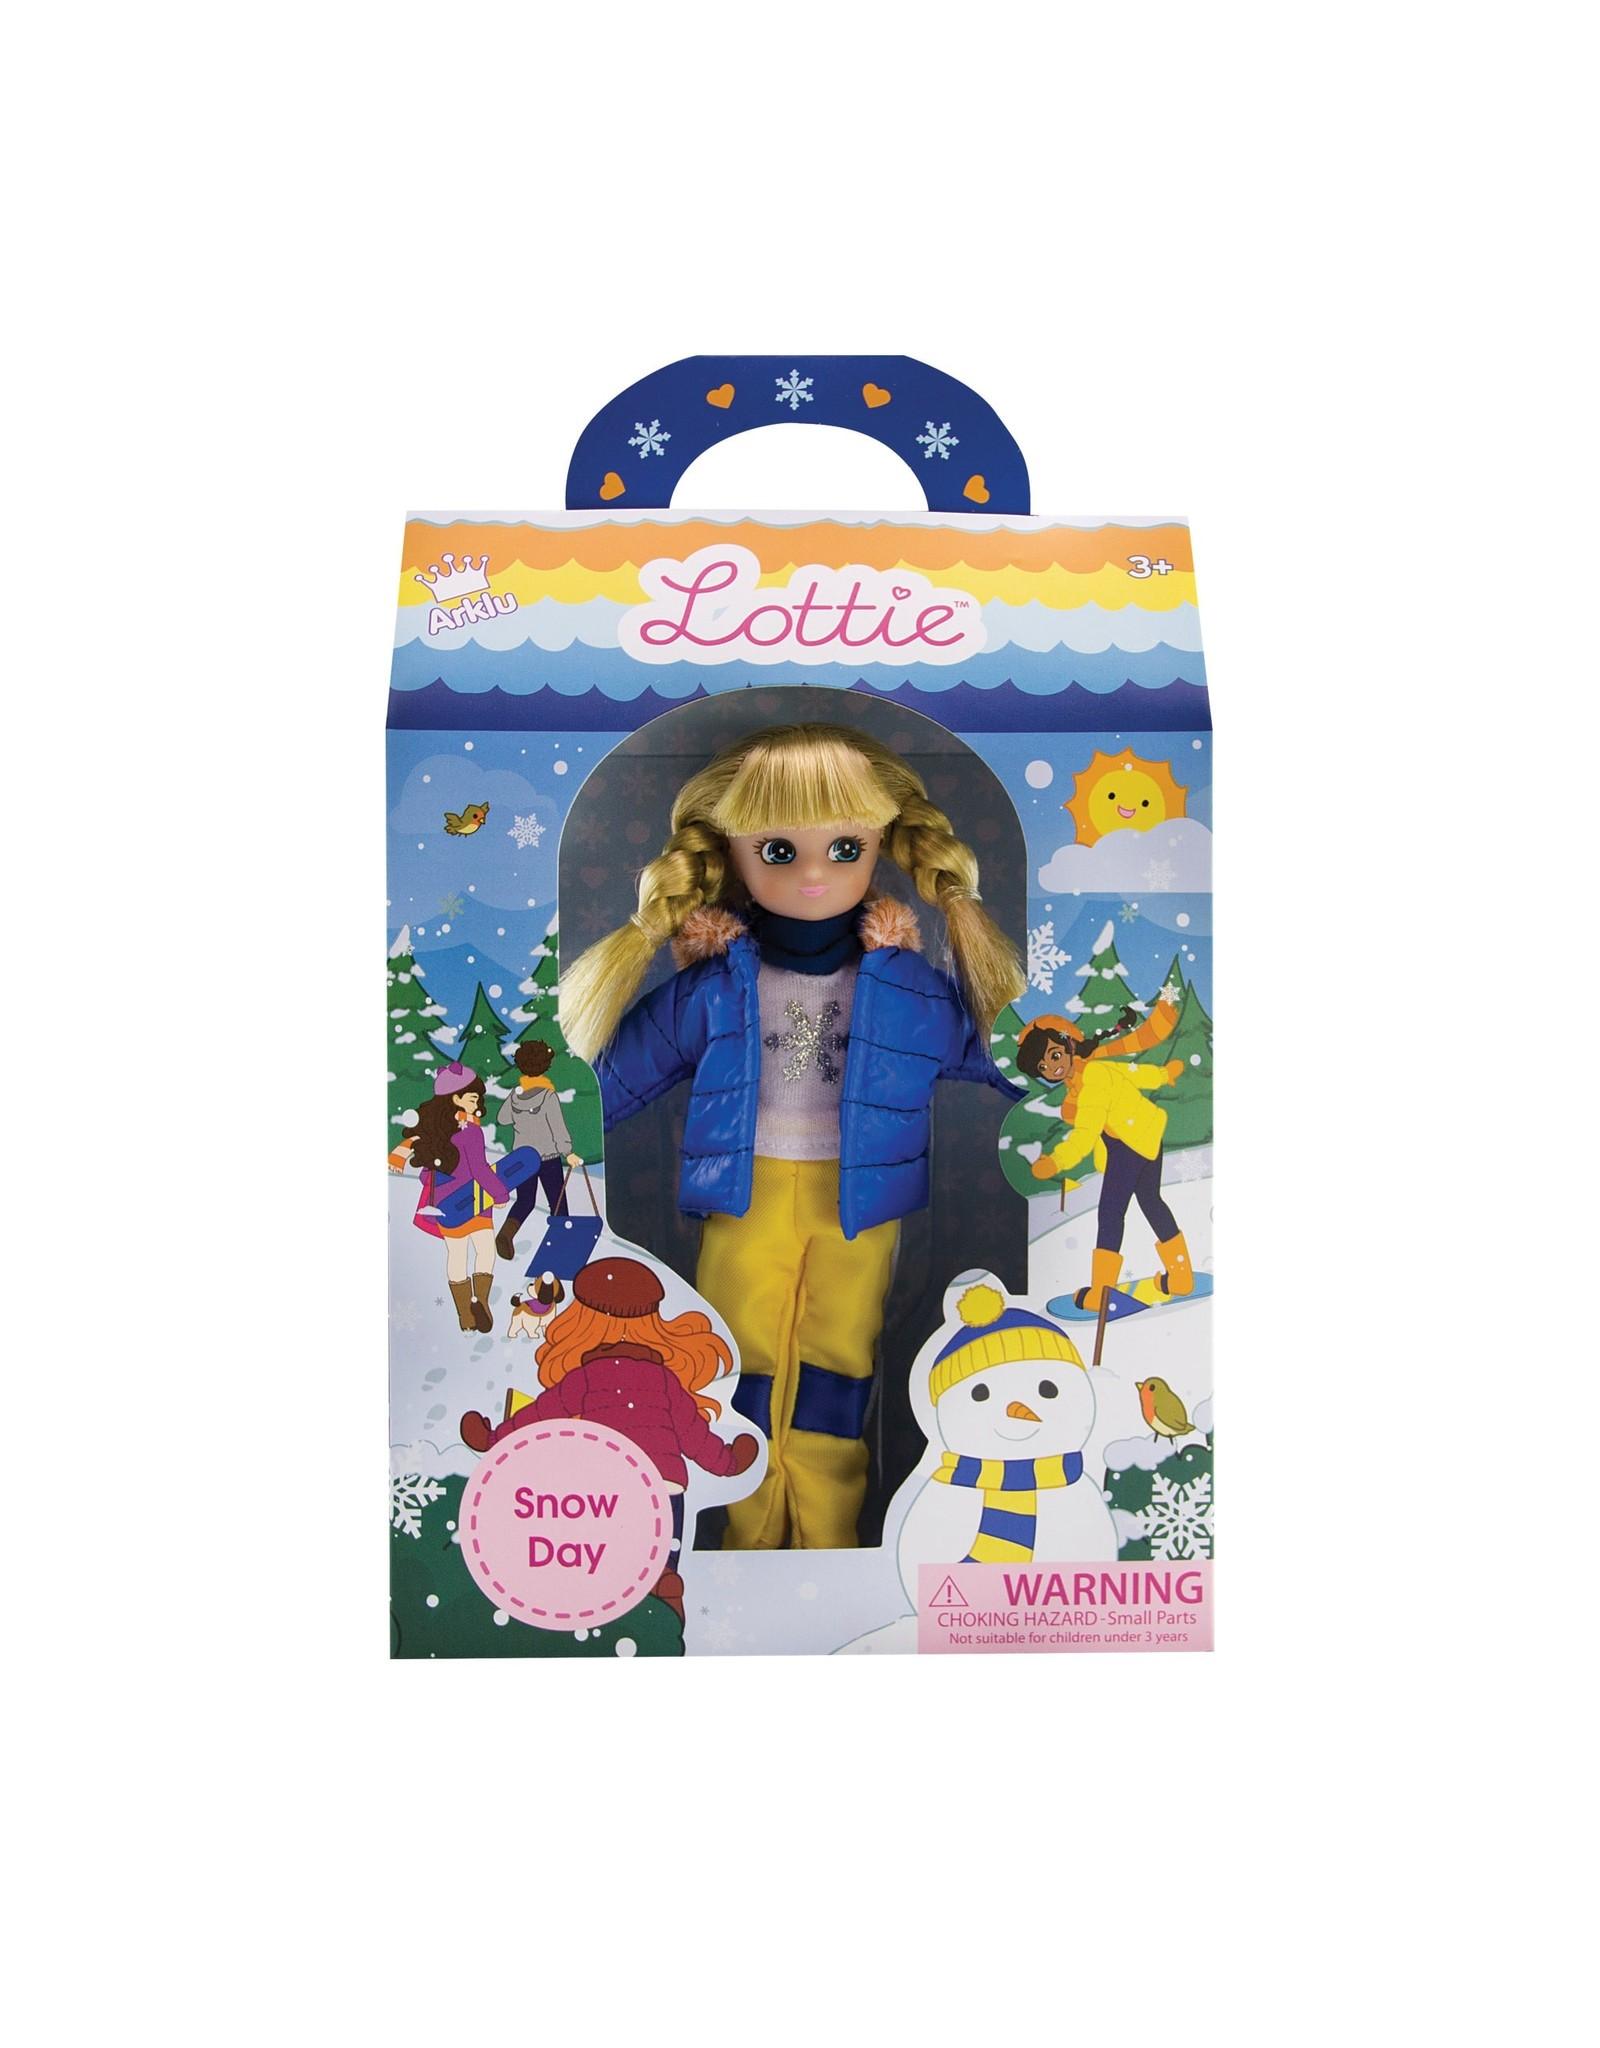 Lottie Dolls Snow Day - Lottie Dolls